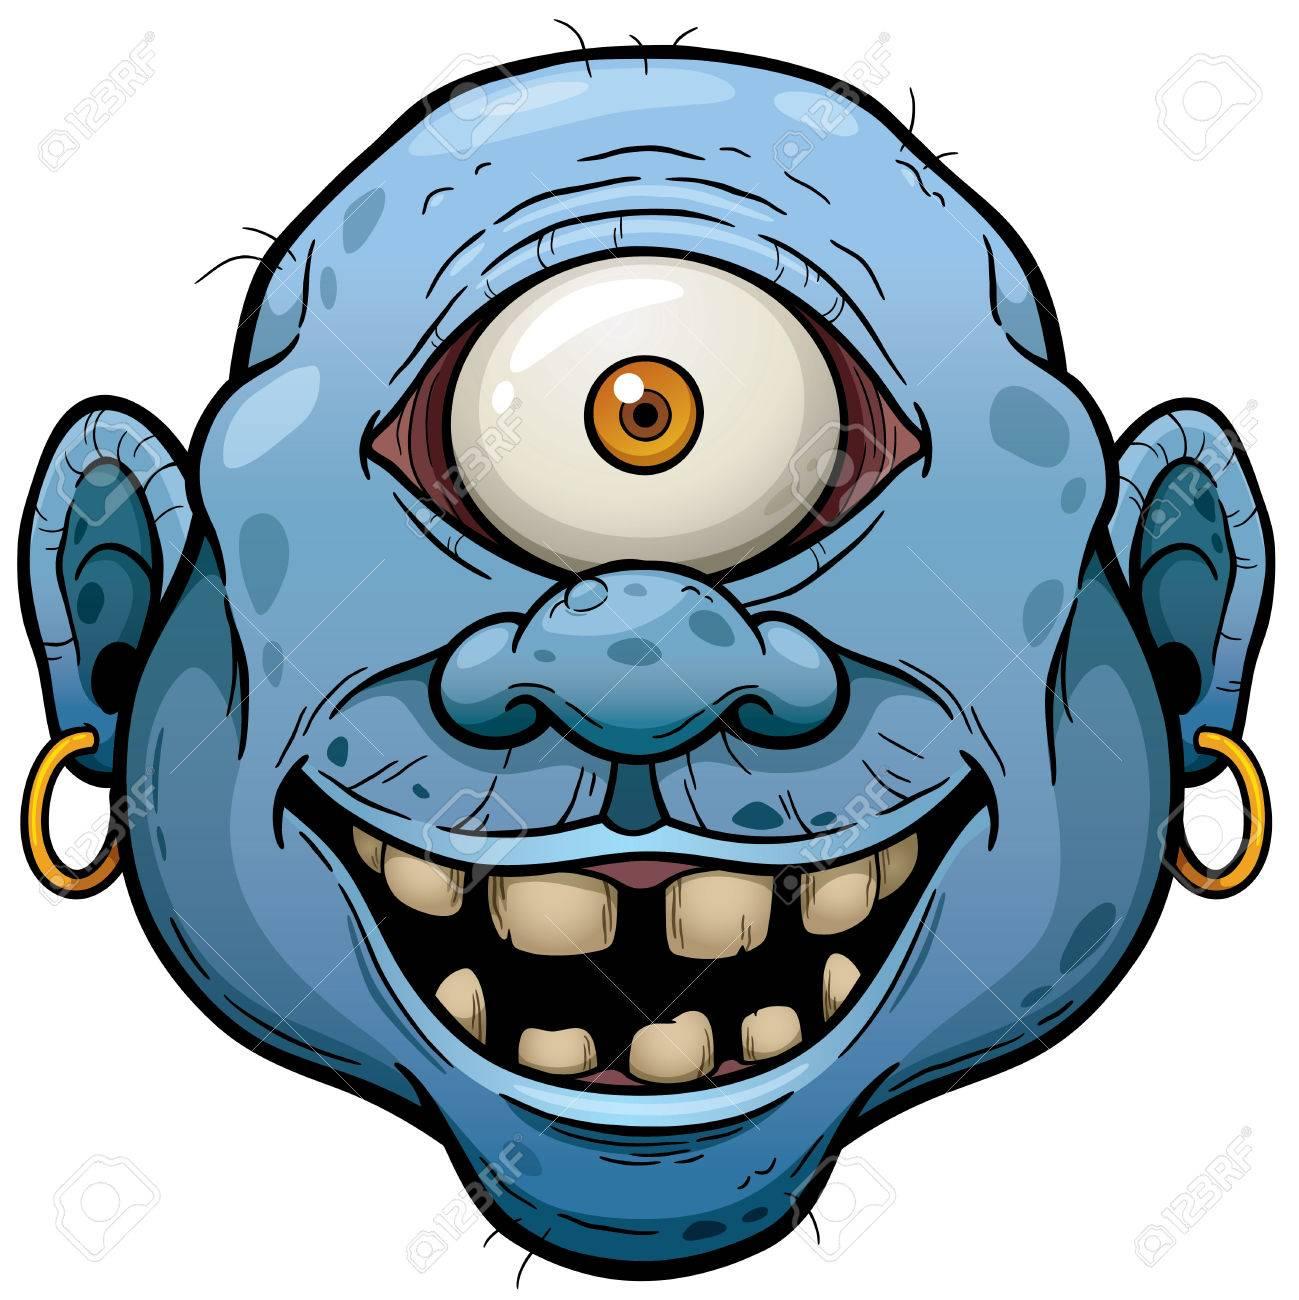 Vector illustration of Cartoon Monster face - 47416204